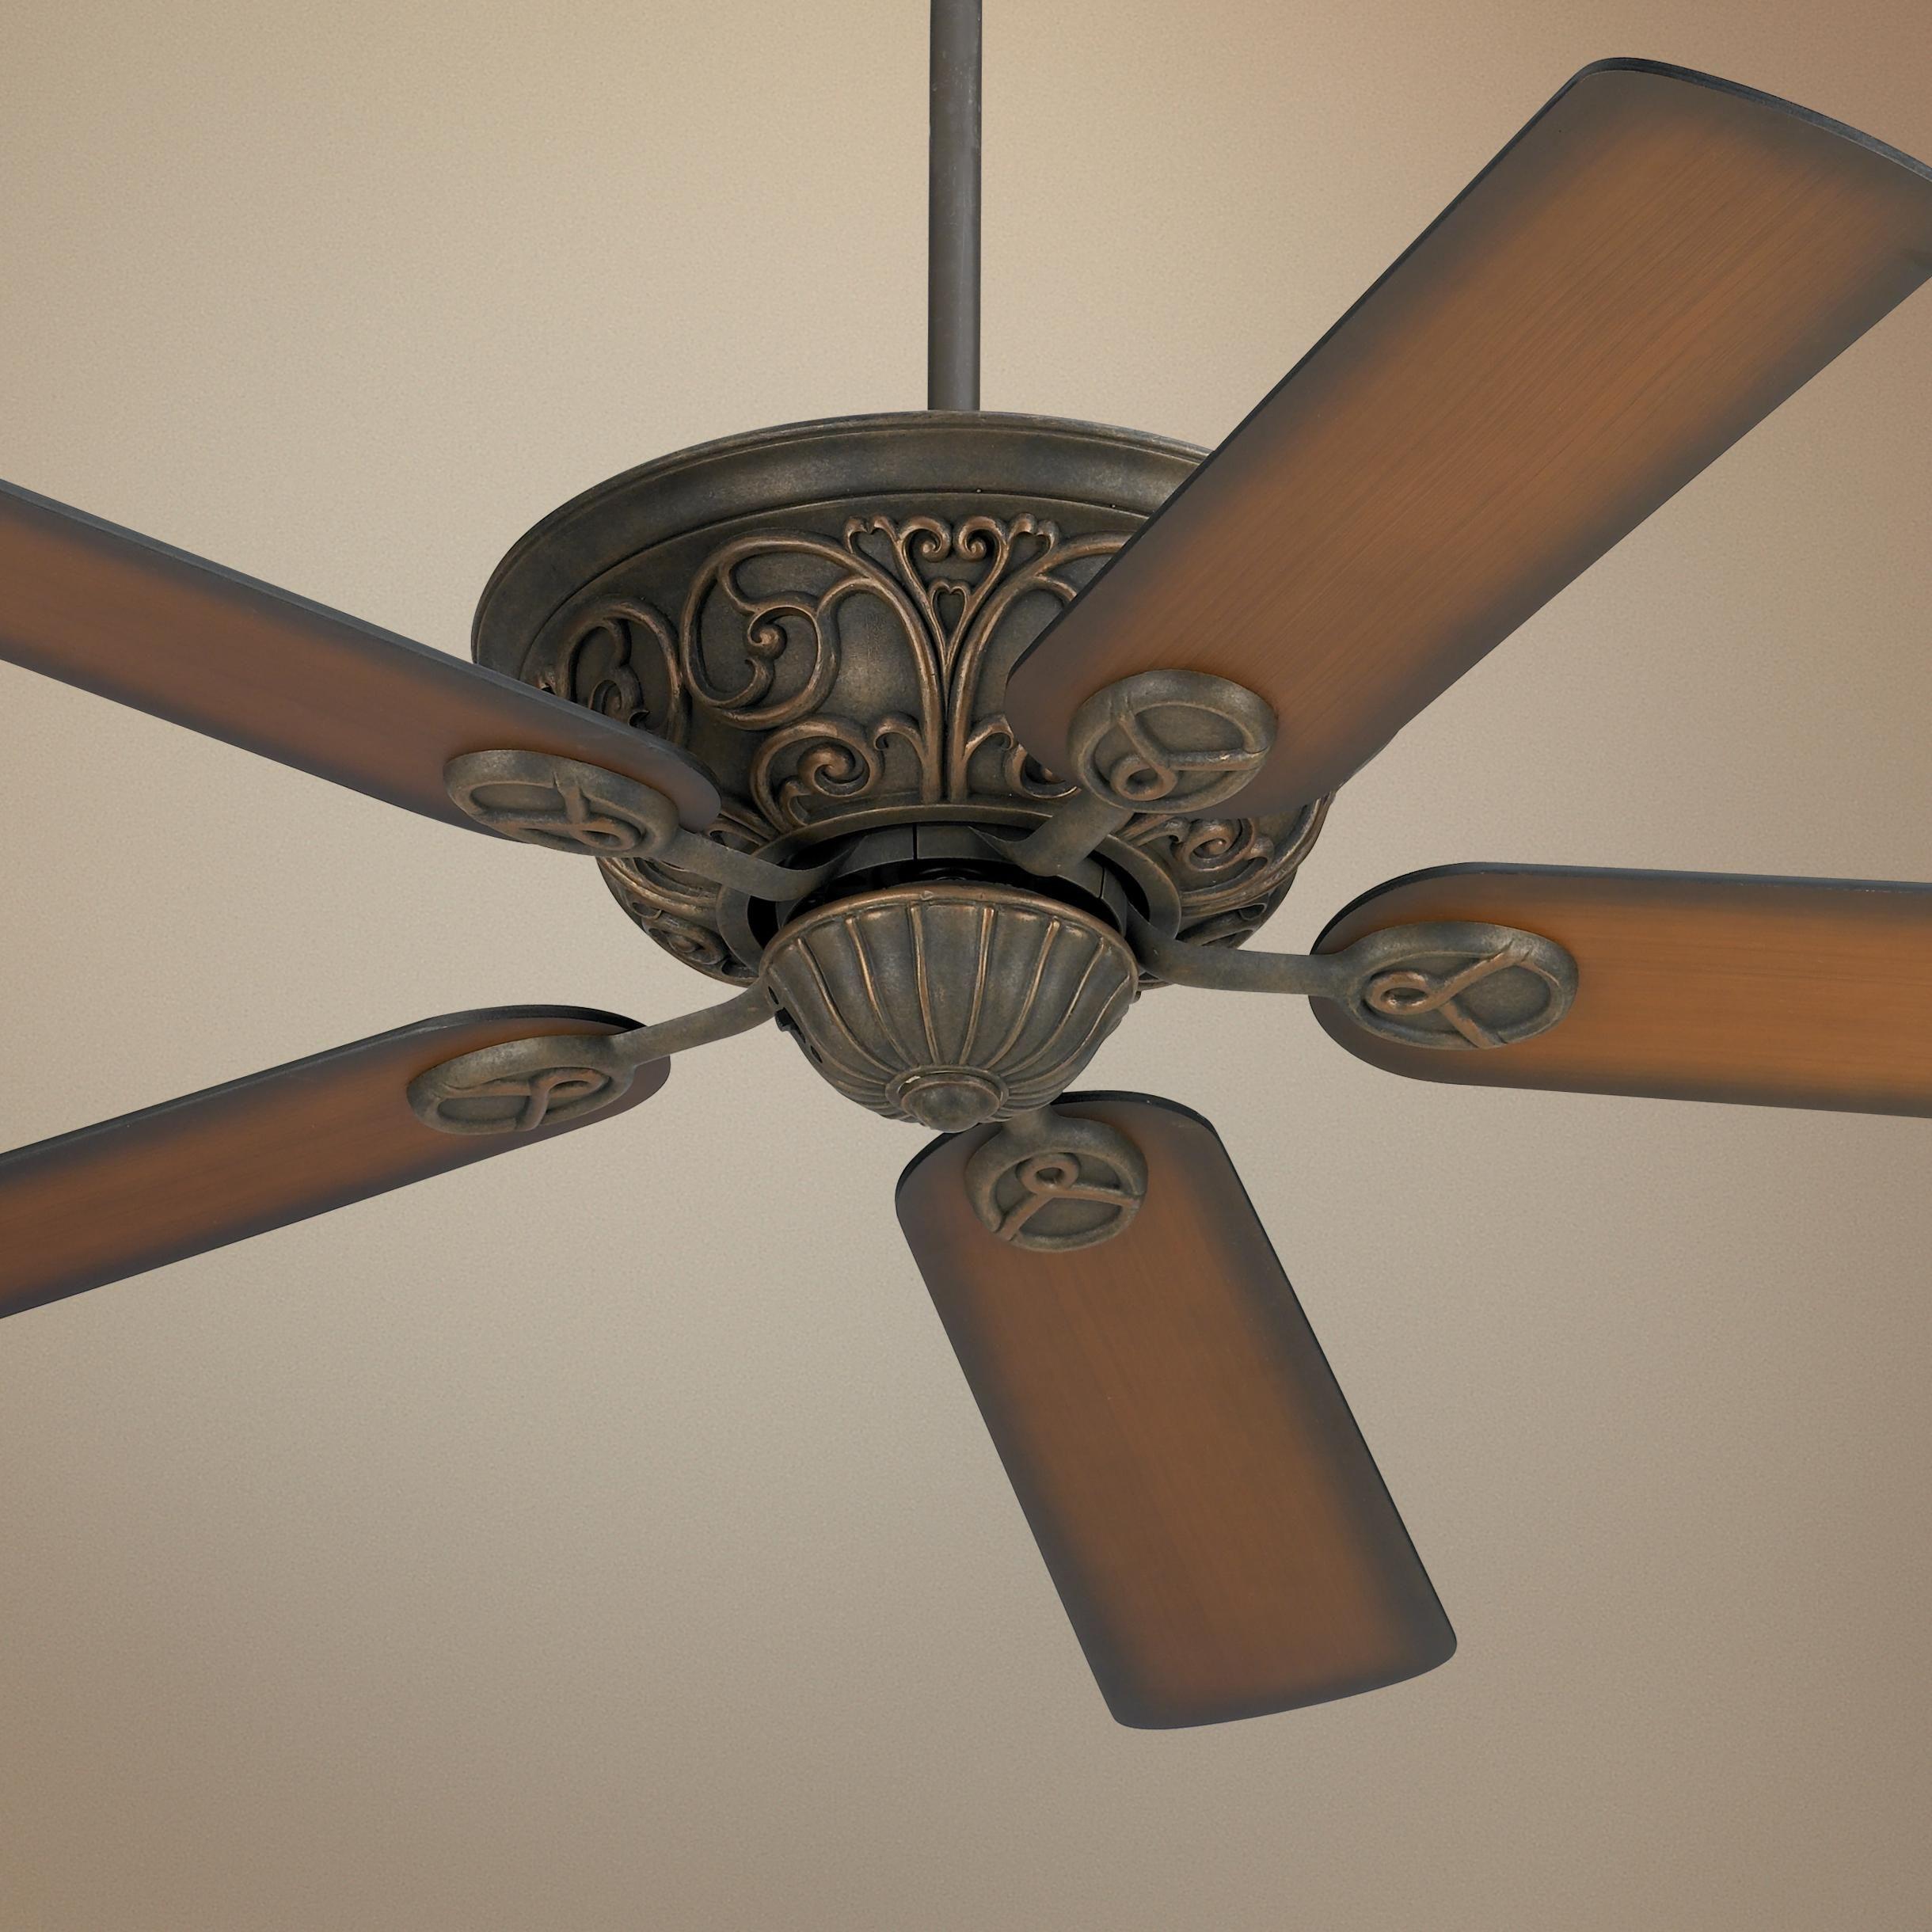 52 Casa Contessa Bronze Teak Finish Ceiling Fan 11g49 Lamps Plus With Images Ceiling Fan Bronze Ceiling Fan Brushed Nickel Ceiling Fan